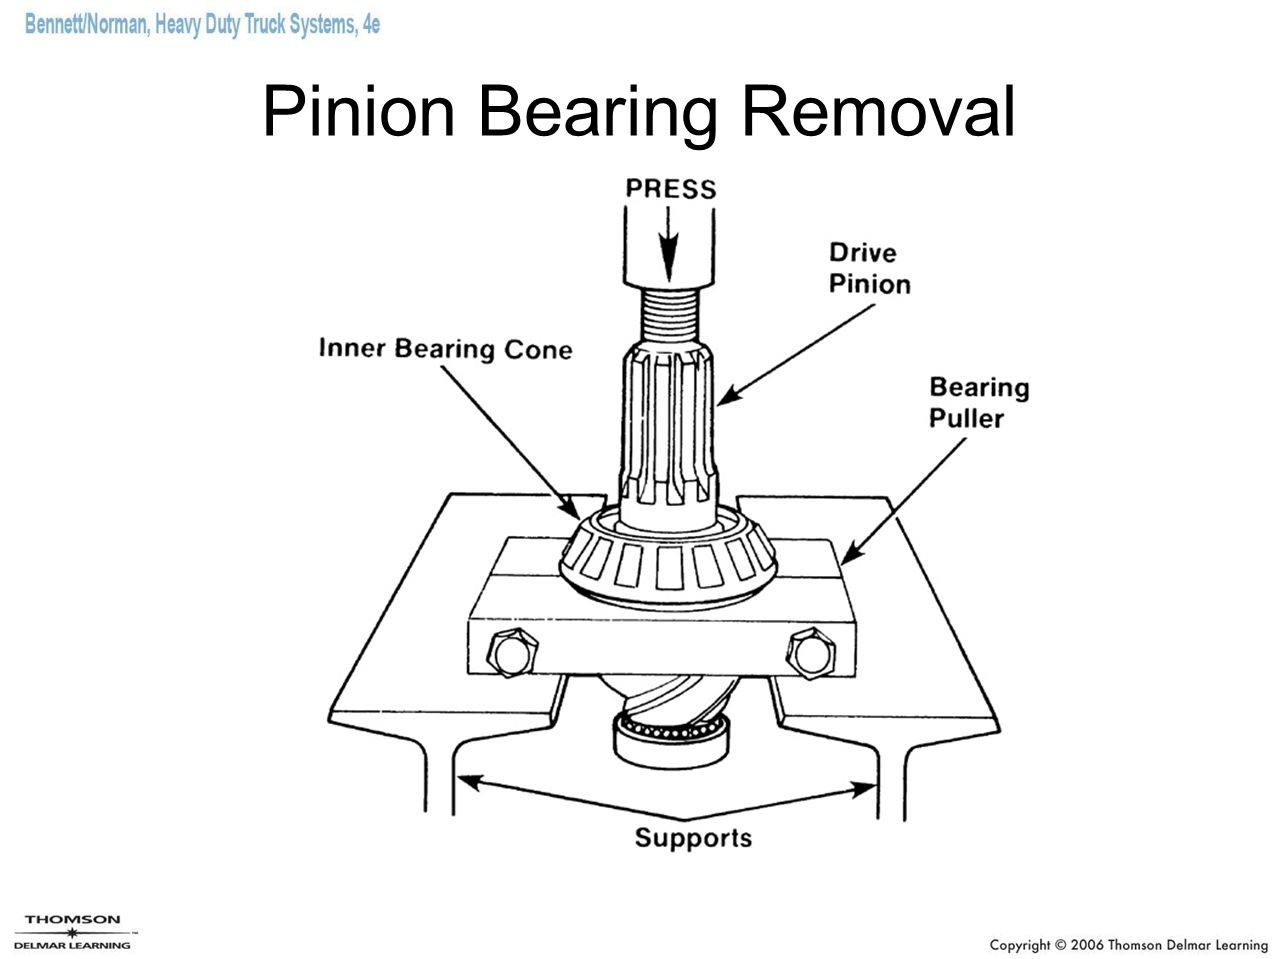 Pinion Bearing Removal